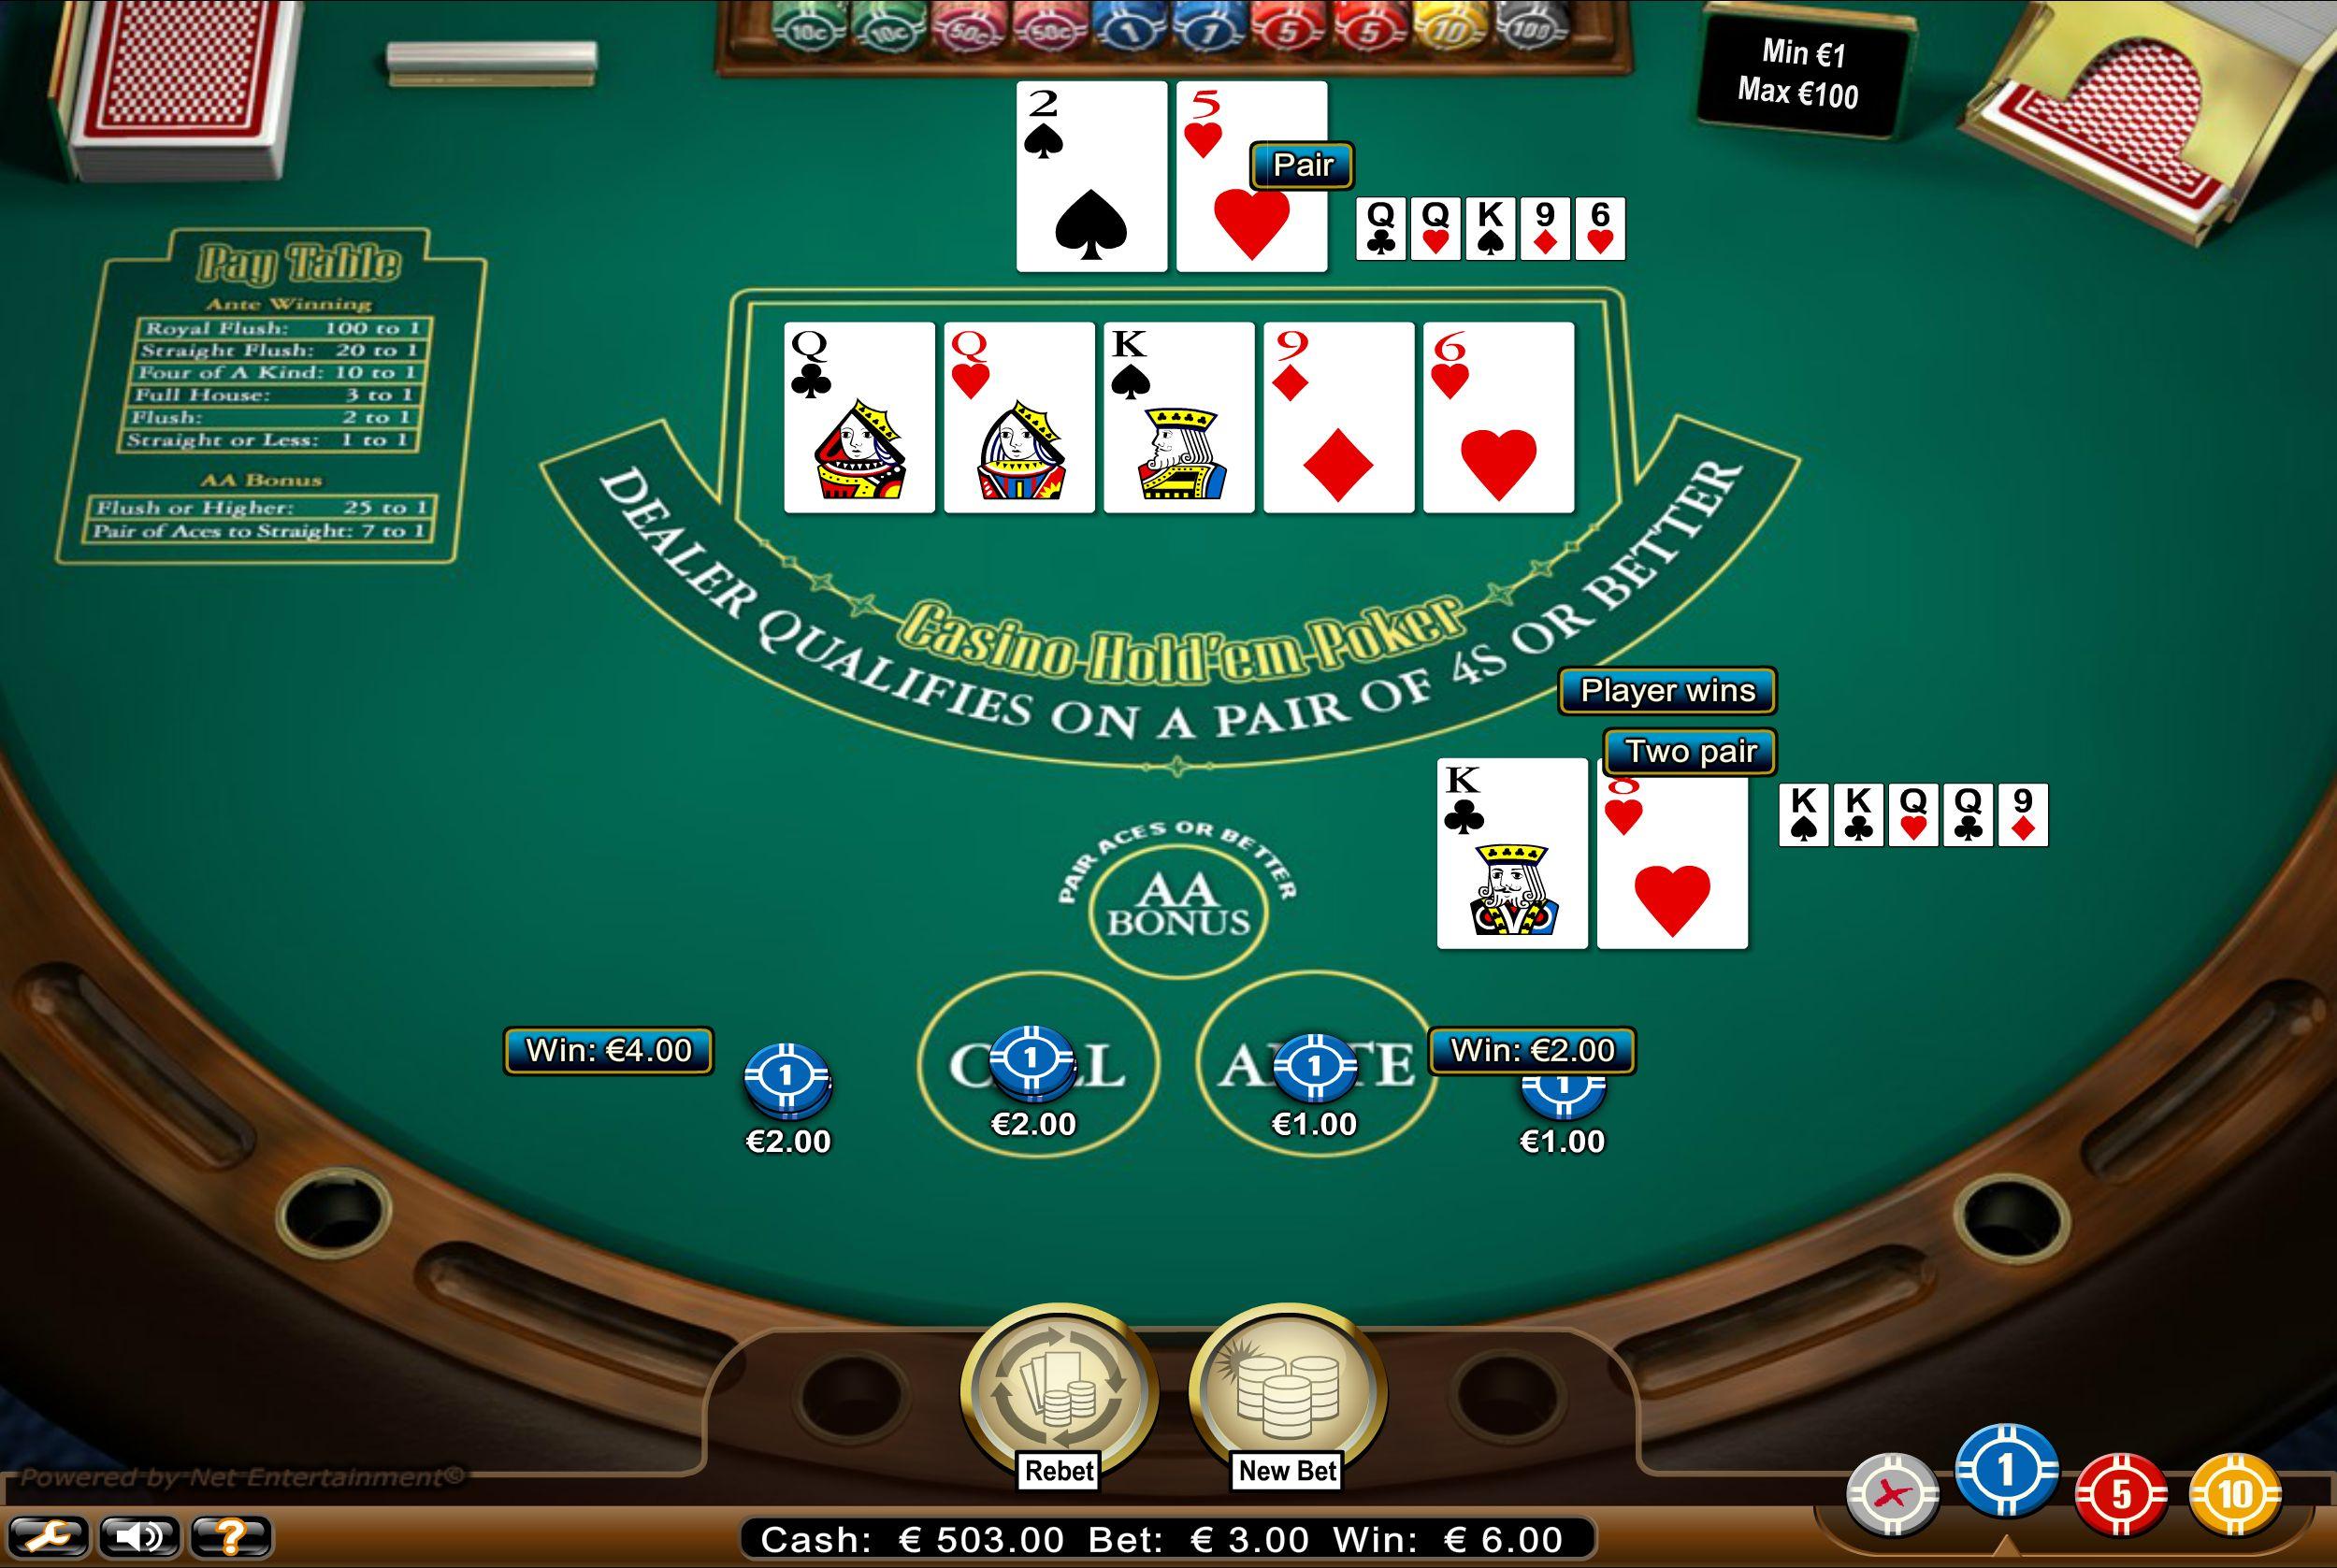 Стратегии игры и комбинации в казино техасс холдем автоматы игровые пирамидыиграть бесплатно